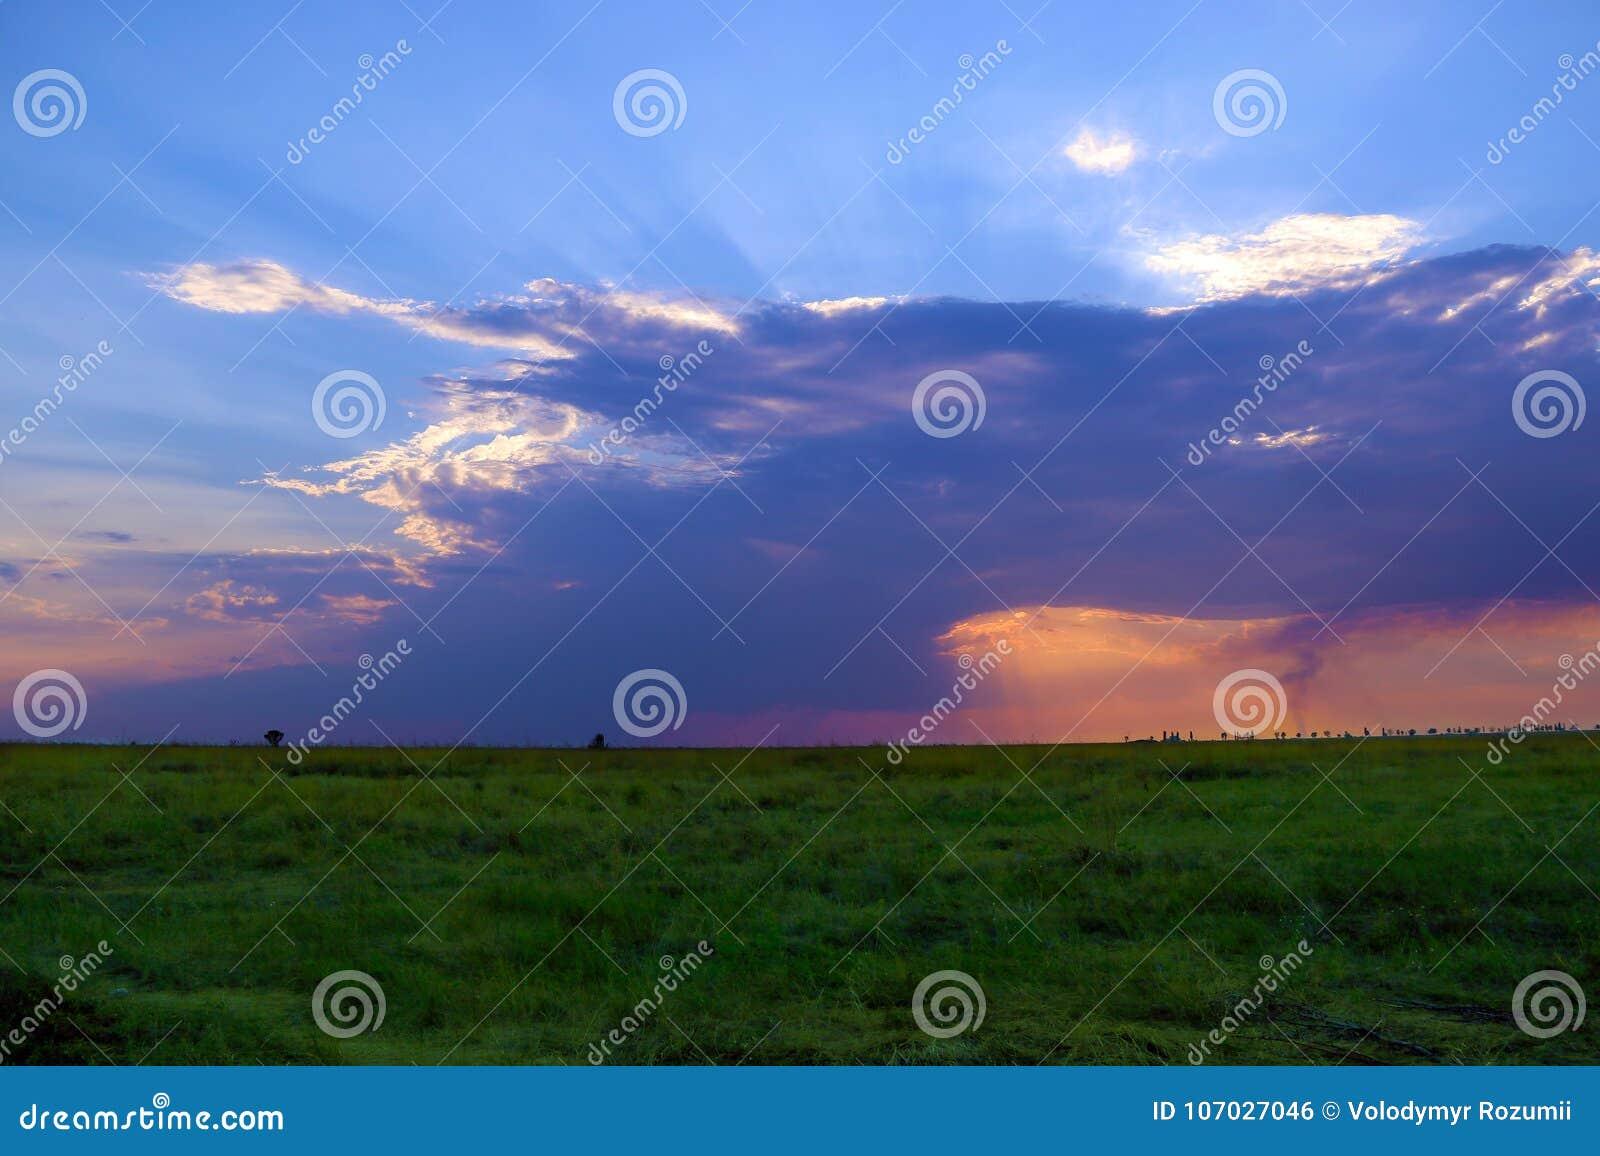 Niebieskie niebo z chmurami i słońce promieniami spada na trawie